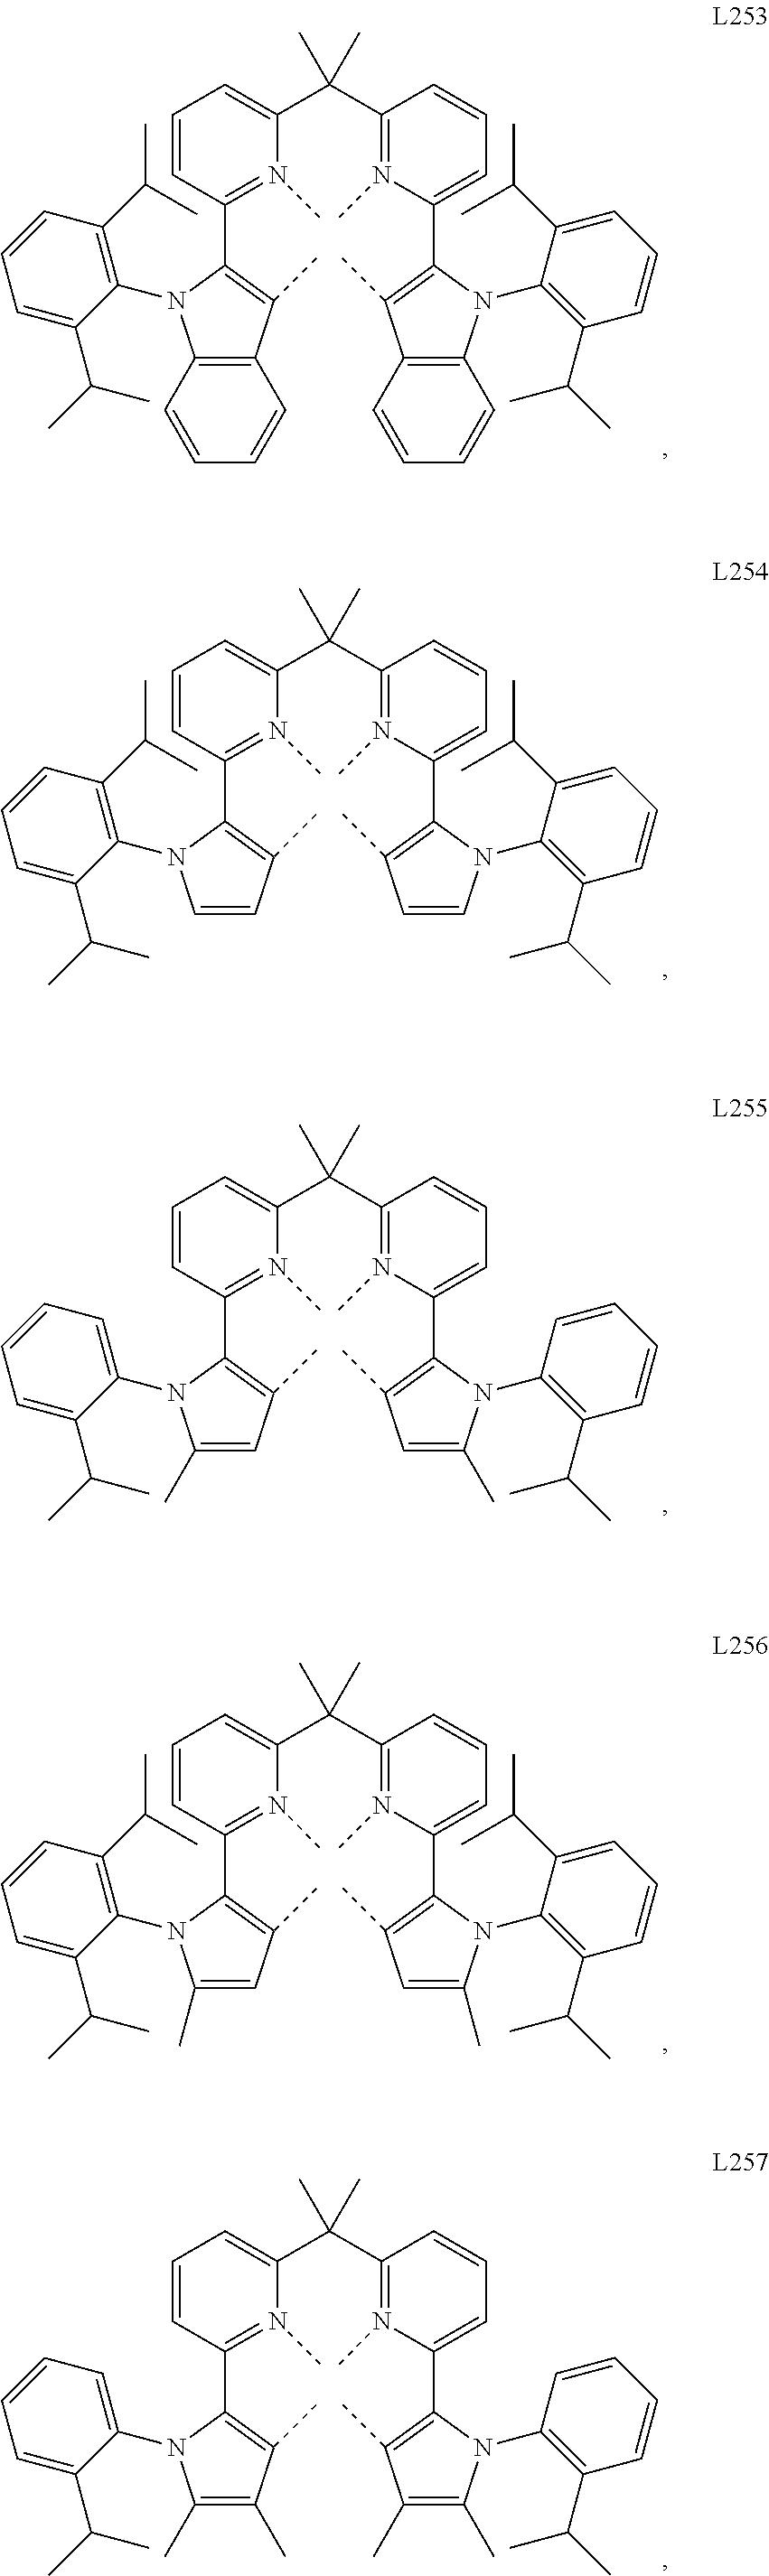 Figure US09935277-20180403-C00057